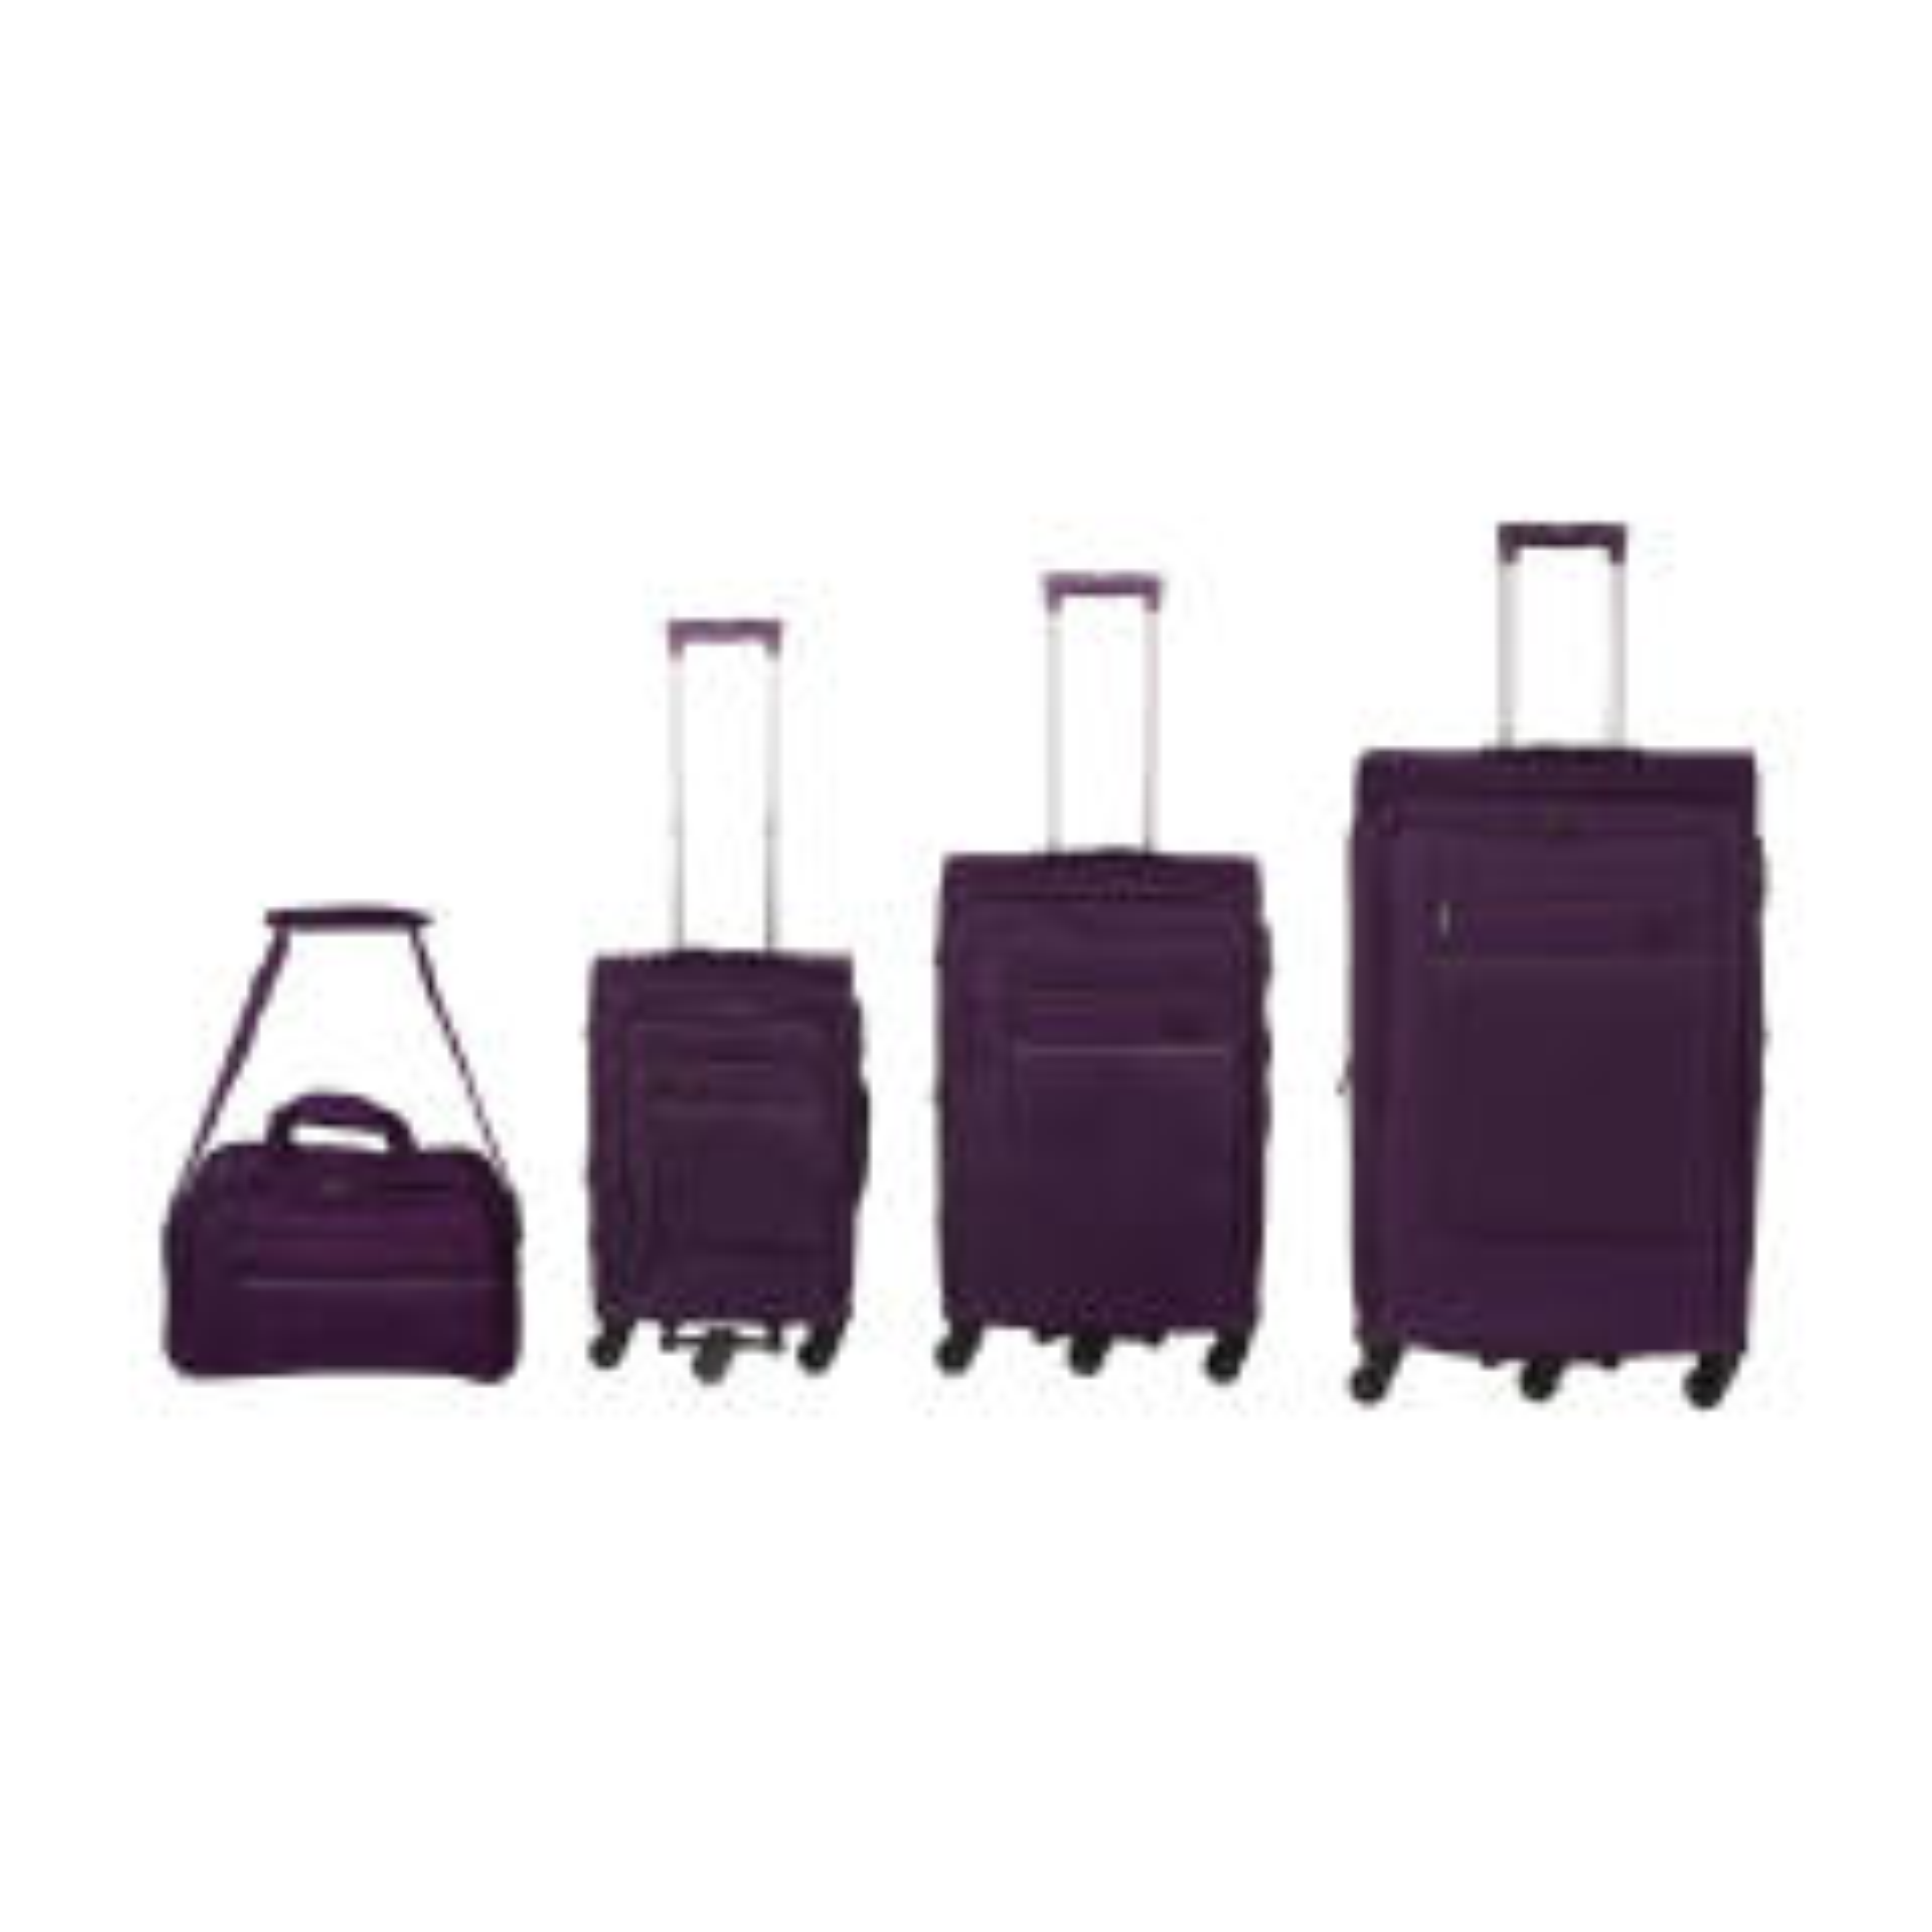 مجموعه چهار عددی چمدان پرستیژ مدل LA 203